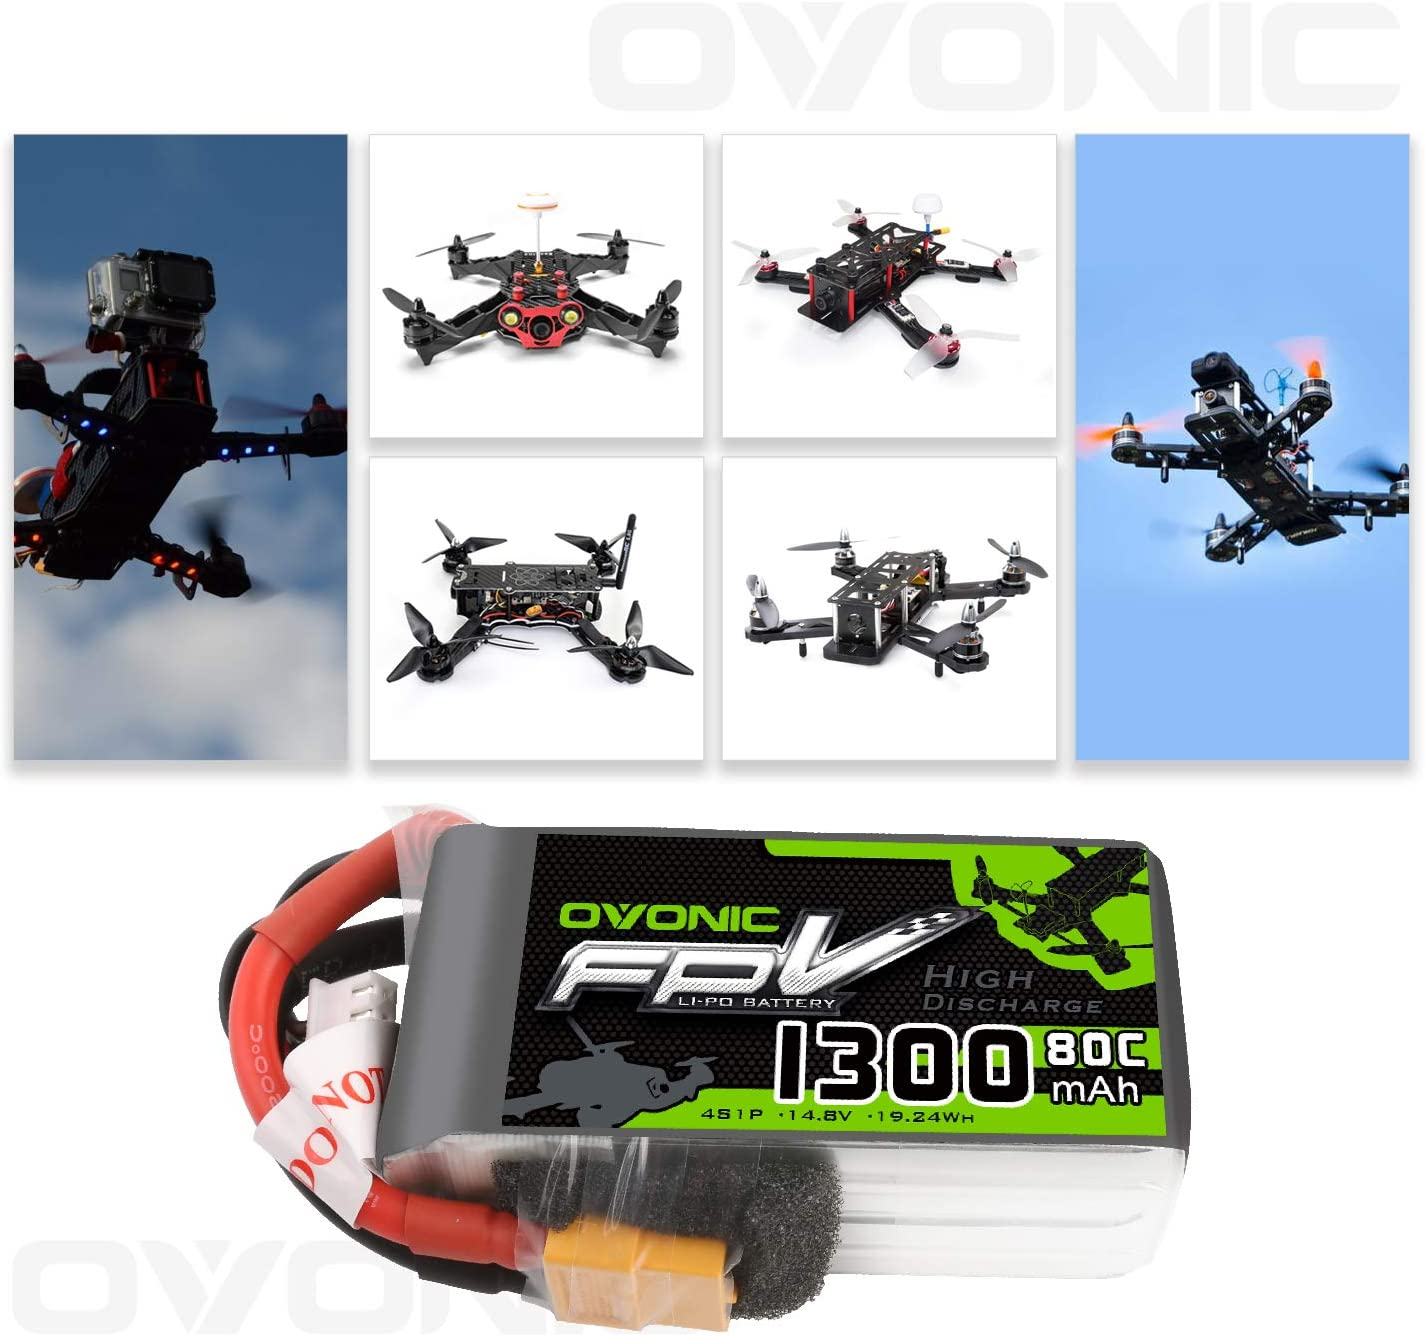 Ovonic 80C 550mah 4S 14.8V Lipo Akkus mit XT30 Plug für FPV quad Drone RC